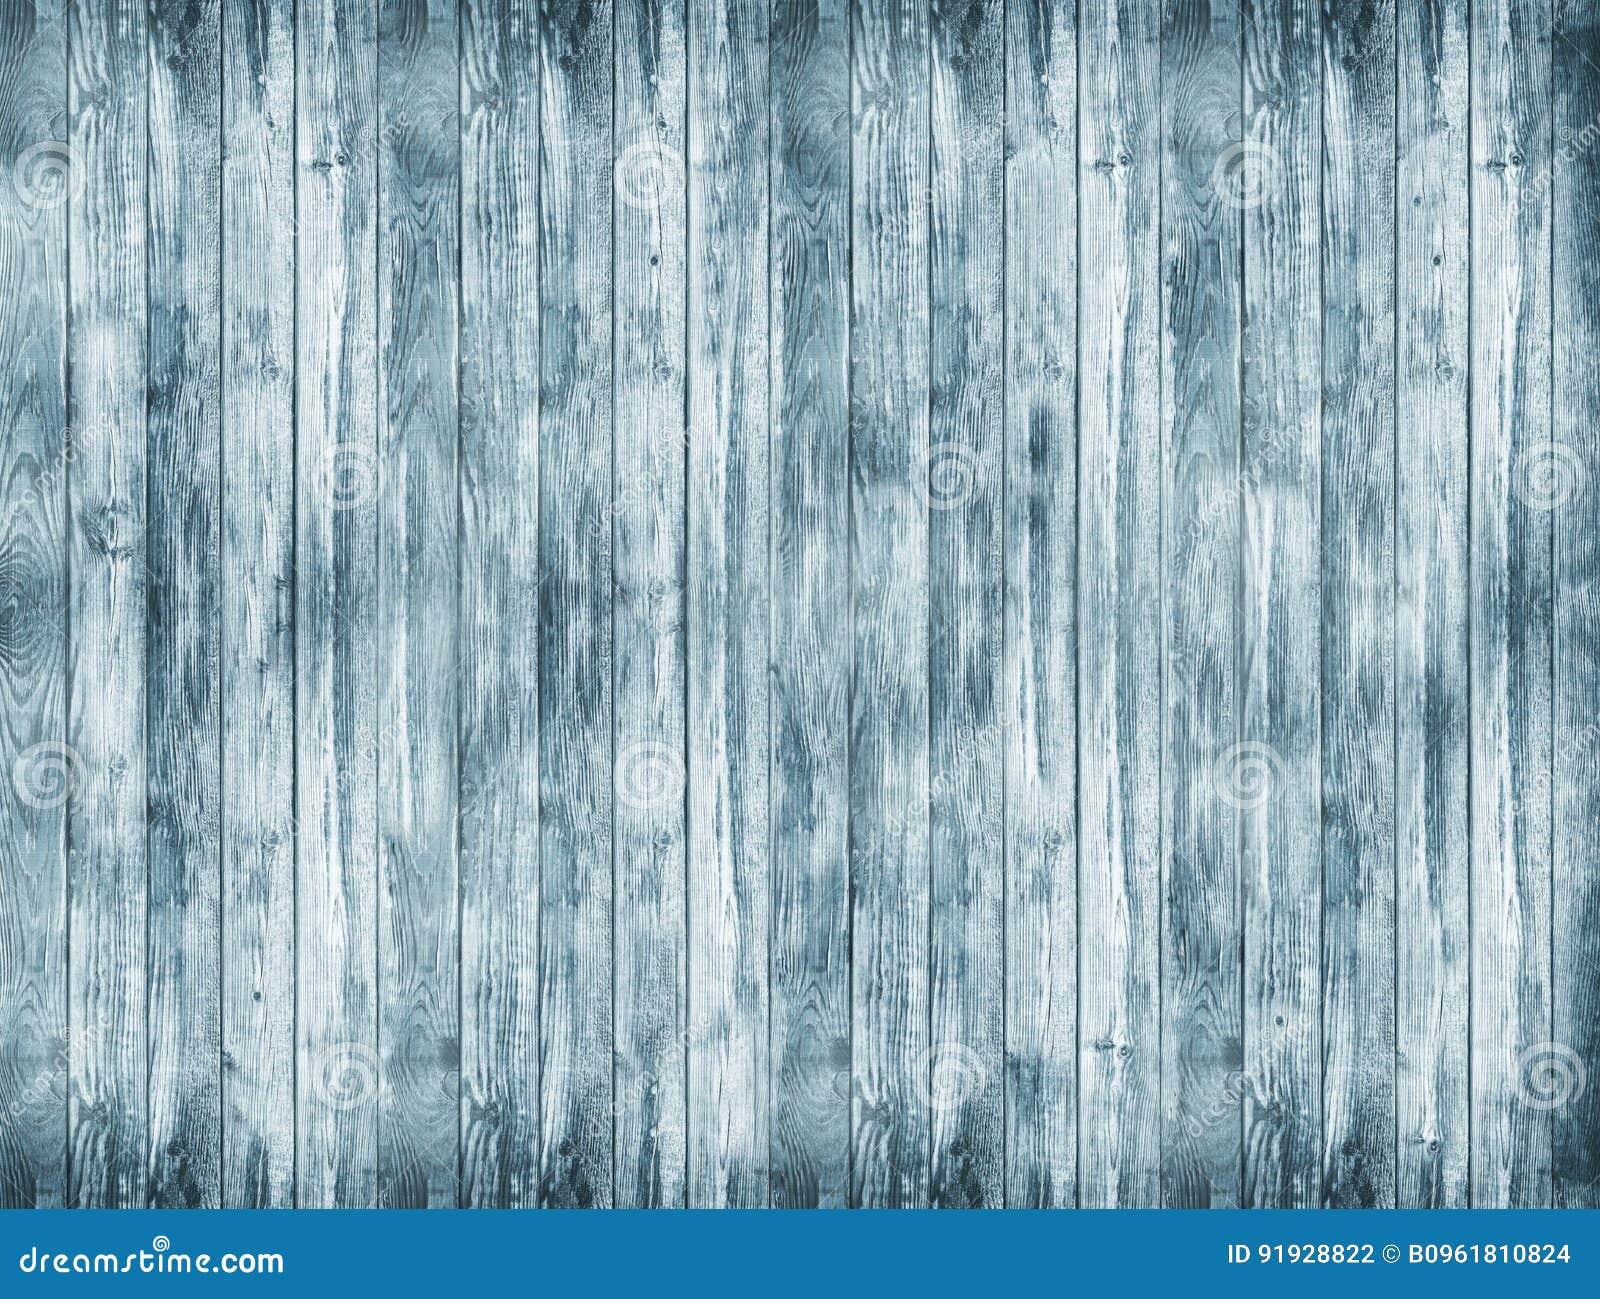 Un fondo de madera grande Una textura de madera azul Viejo backg de los tableros